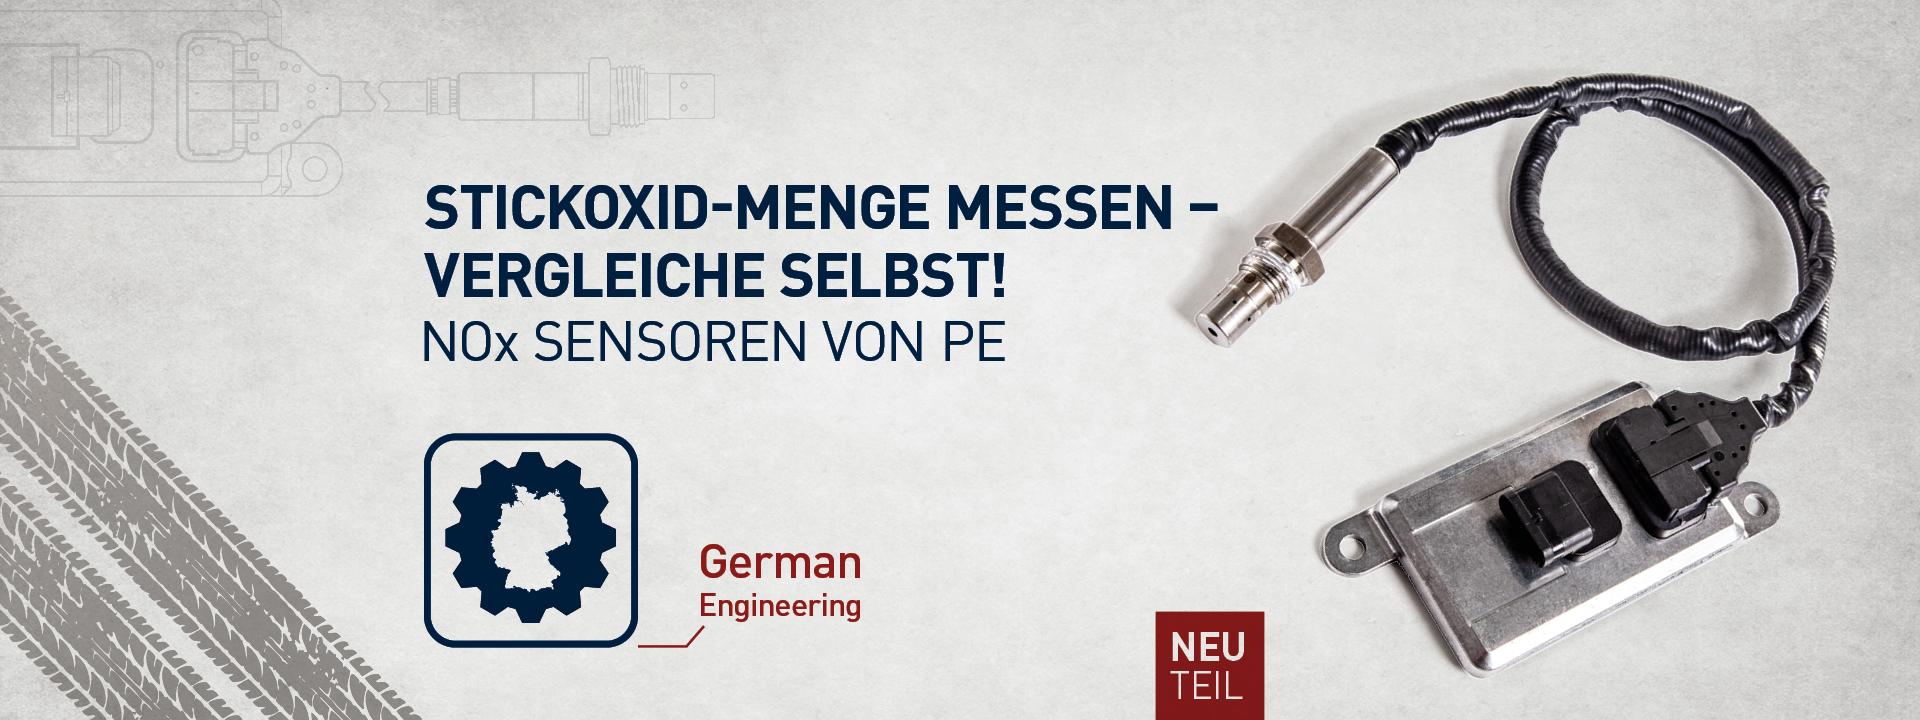 Stickoxid-Menge messen, vergleiche selbst!